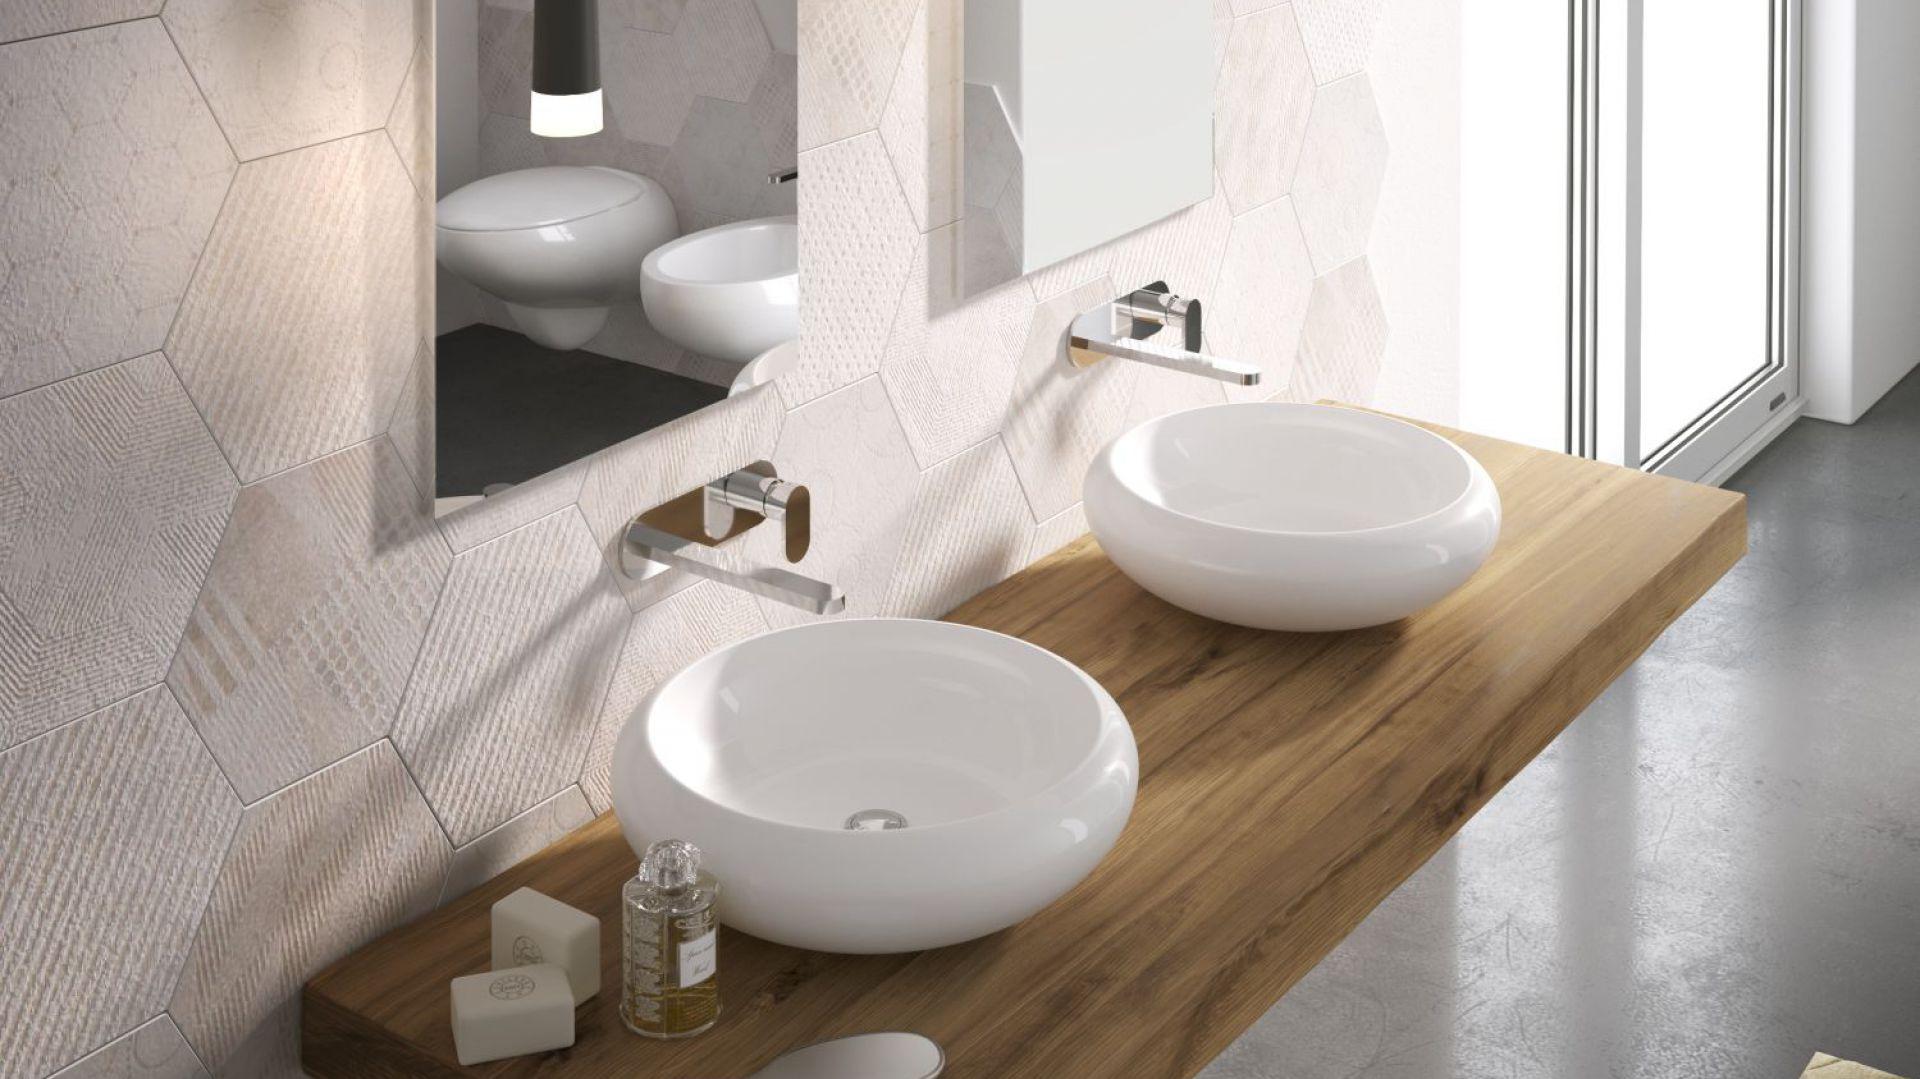 Nablatowe umywalki z serii Tao marki Hidra. Fot. Hidra